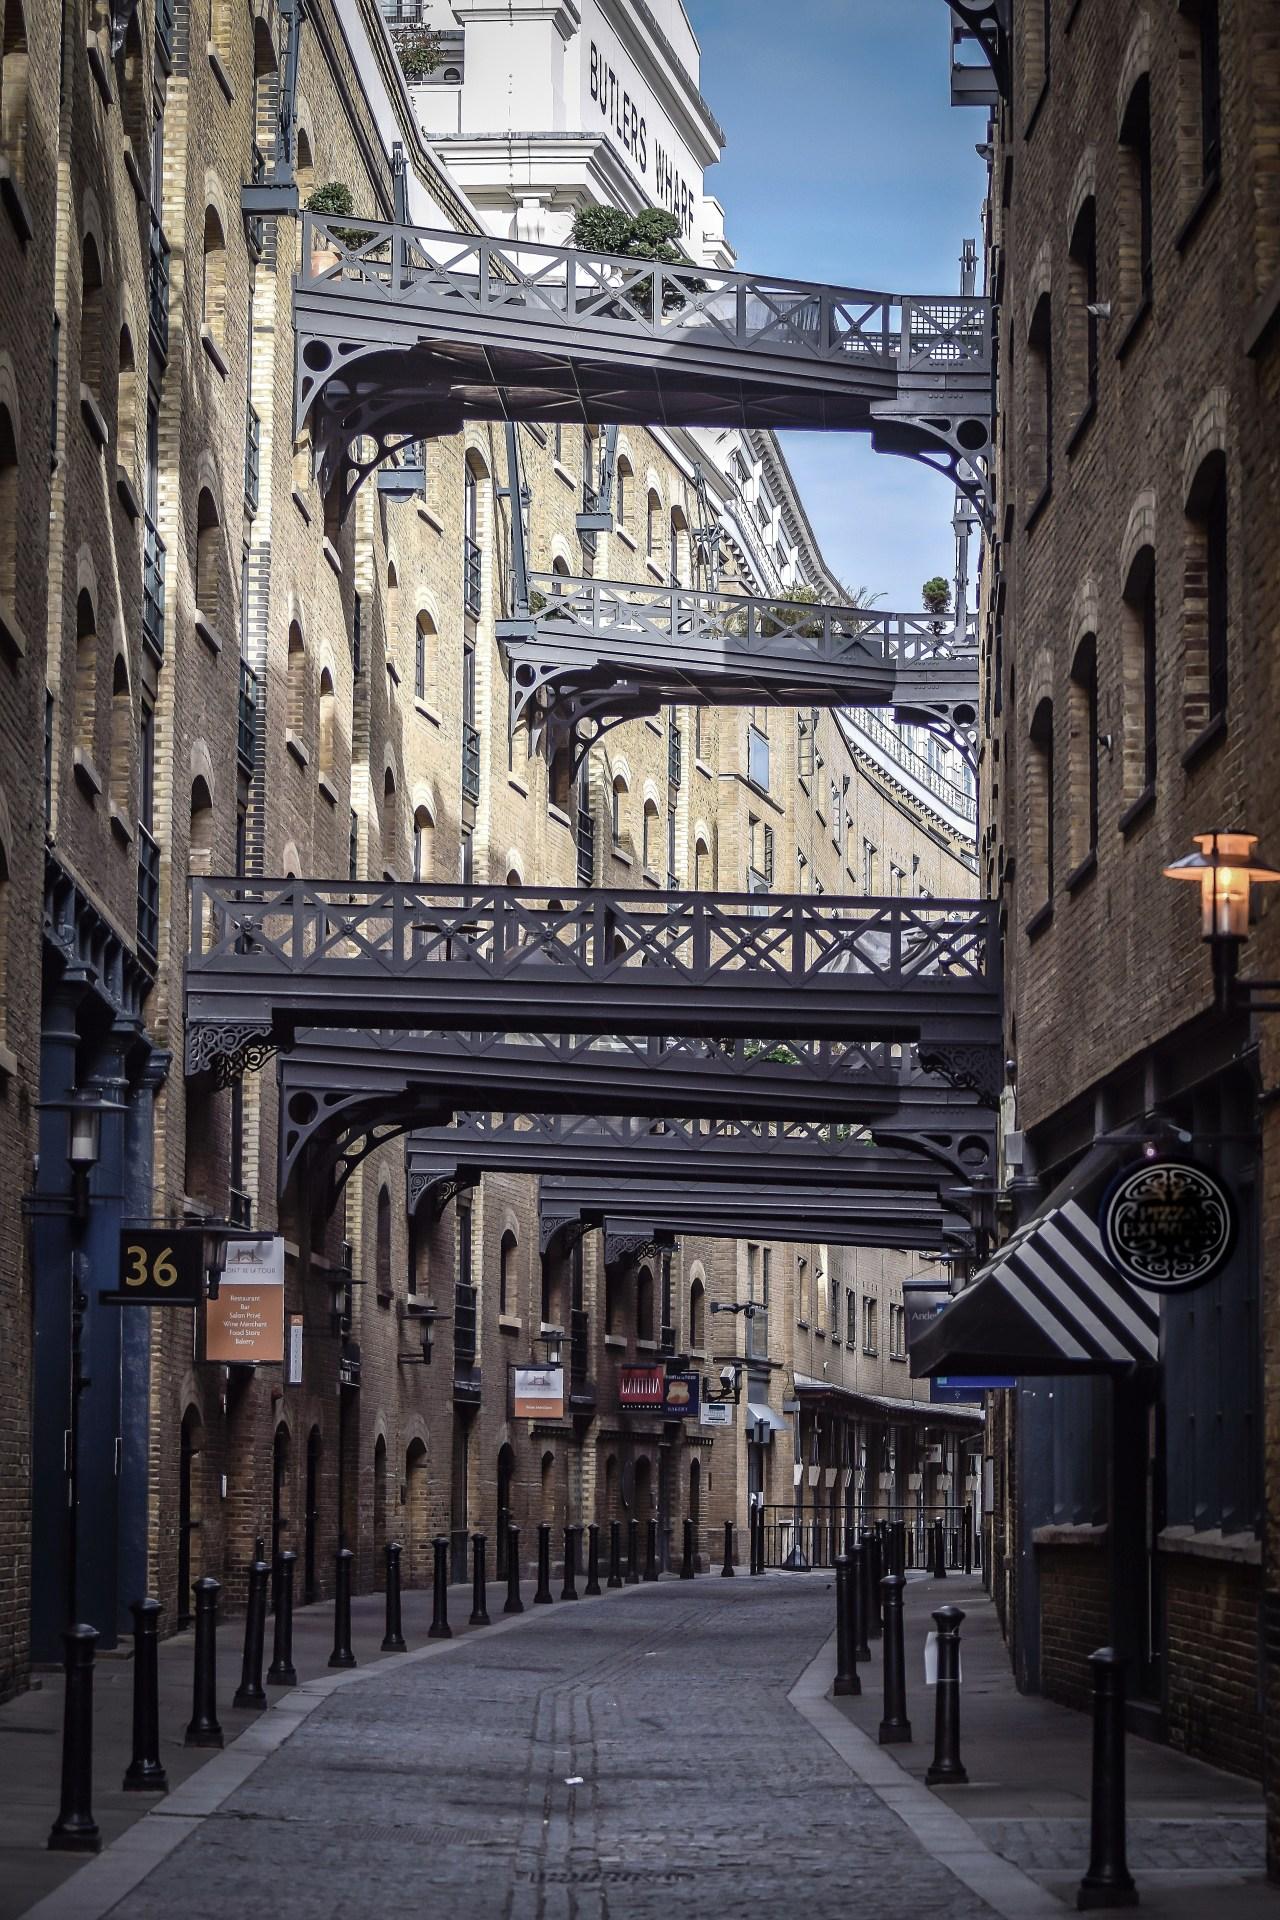 London - England (byTeseum) #London#England#UK#United Kingdom#Europe#City#Cityscape#Buildings#Houses#Architecture#Photography#Travelling#Traveling#Travel#Tourism#Holiday#Urlaub#reis